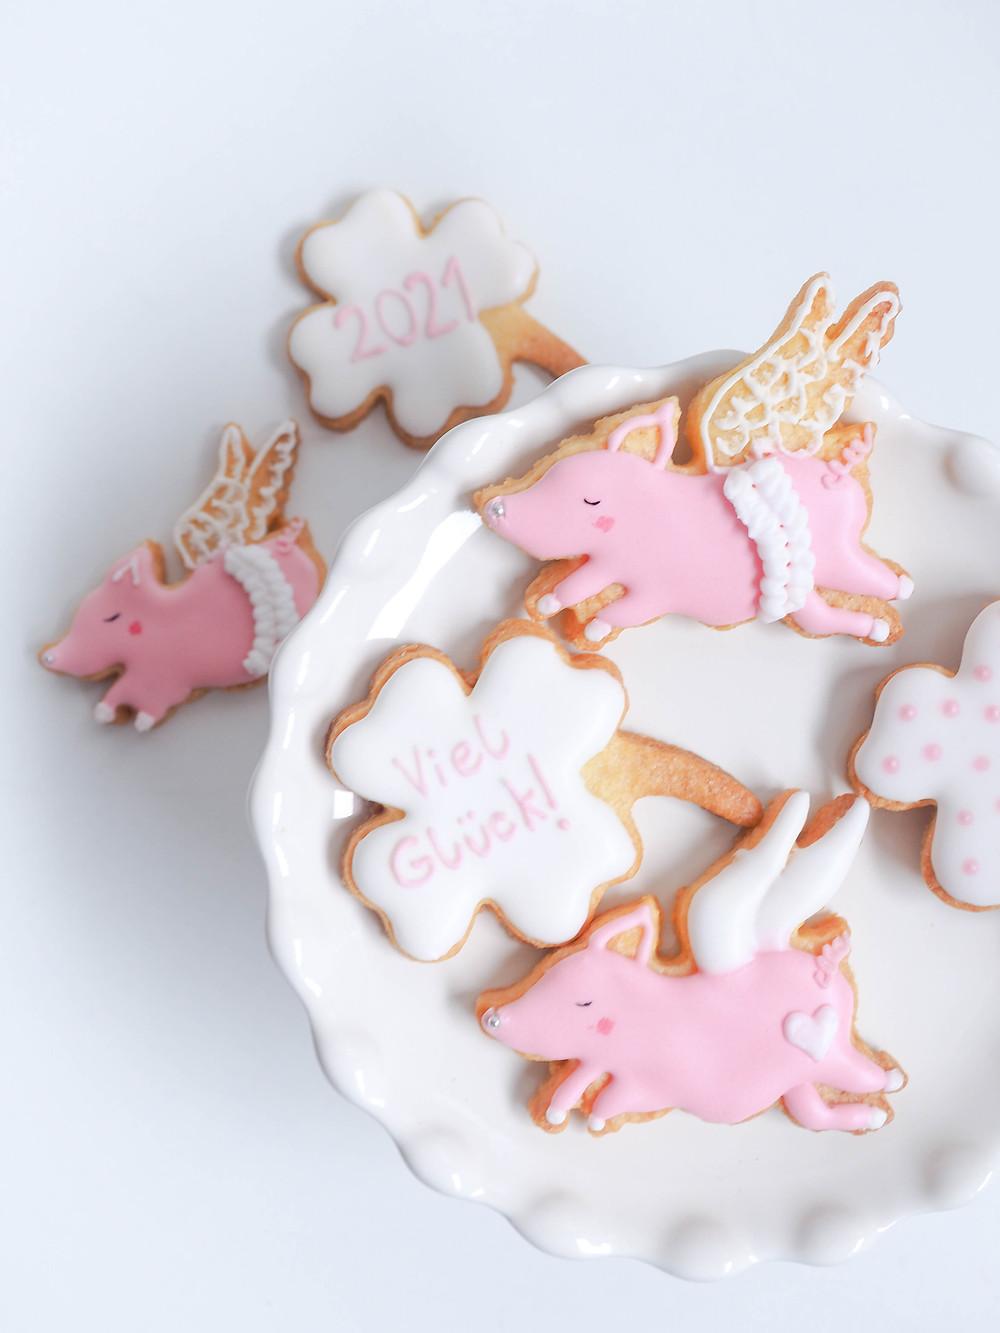 Kekse in Form von fliegenden Schweinchen und Kleeblättern, verziert mit Royal Icing. Die Flügel sind mit Embrodery Technik gespritzt und die Nase mit einer silbernen Zuckerperle besetzt.